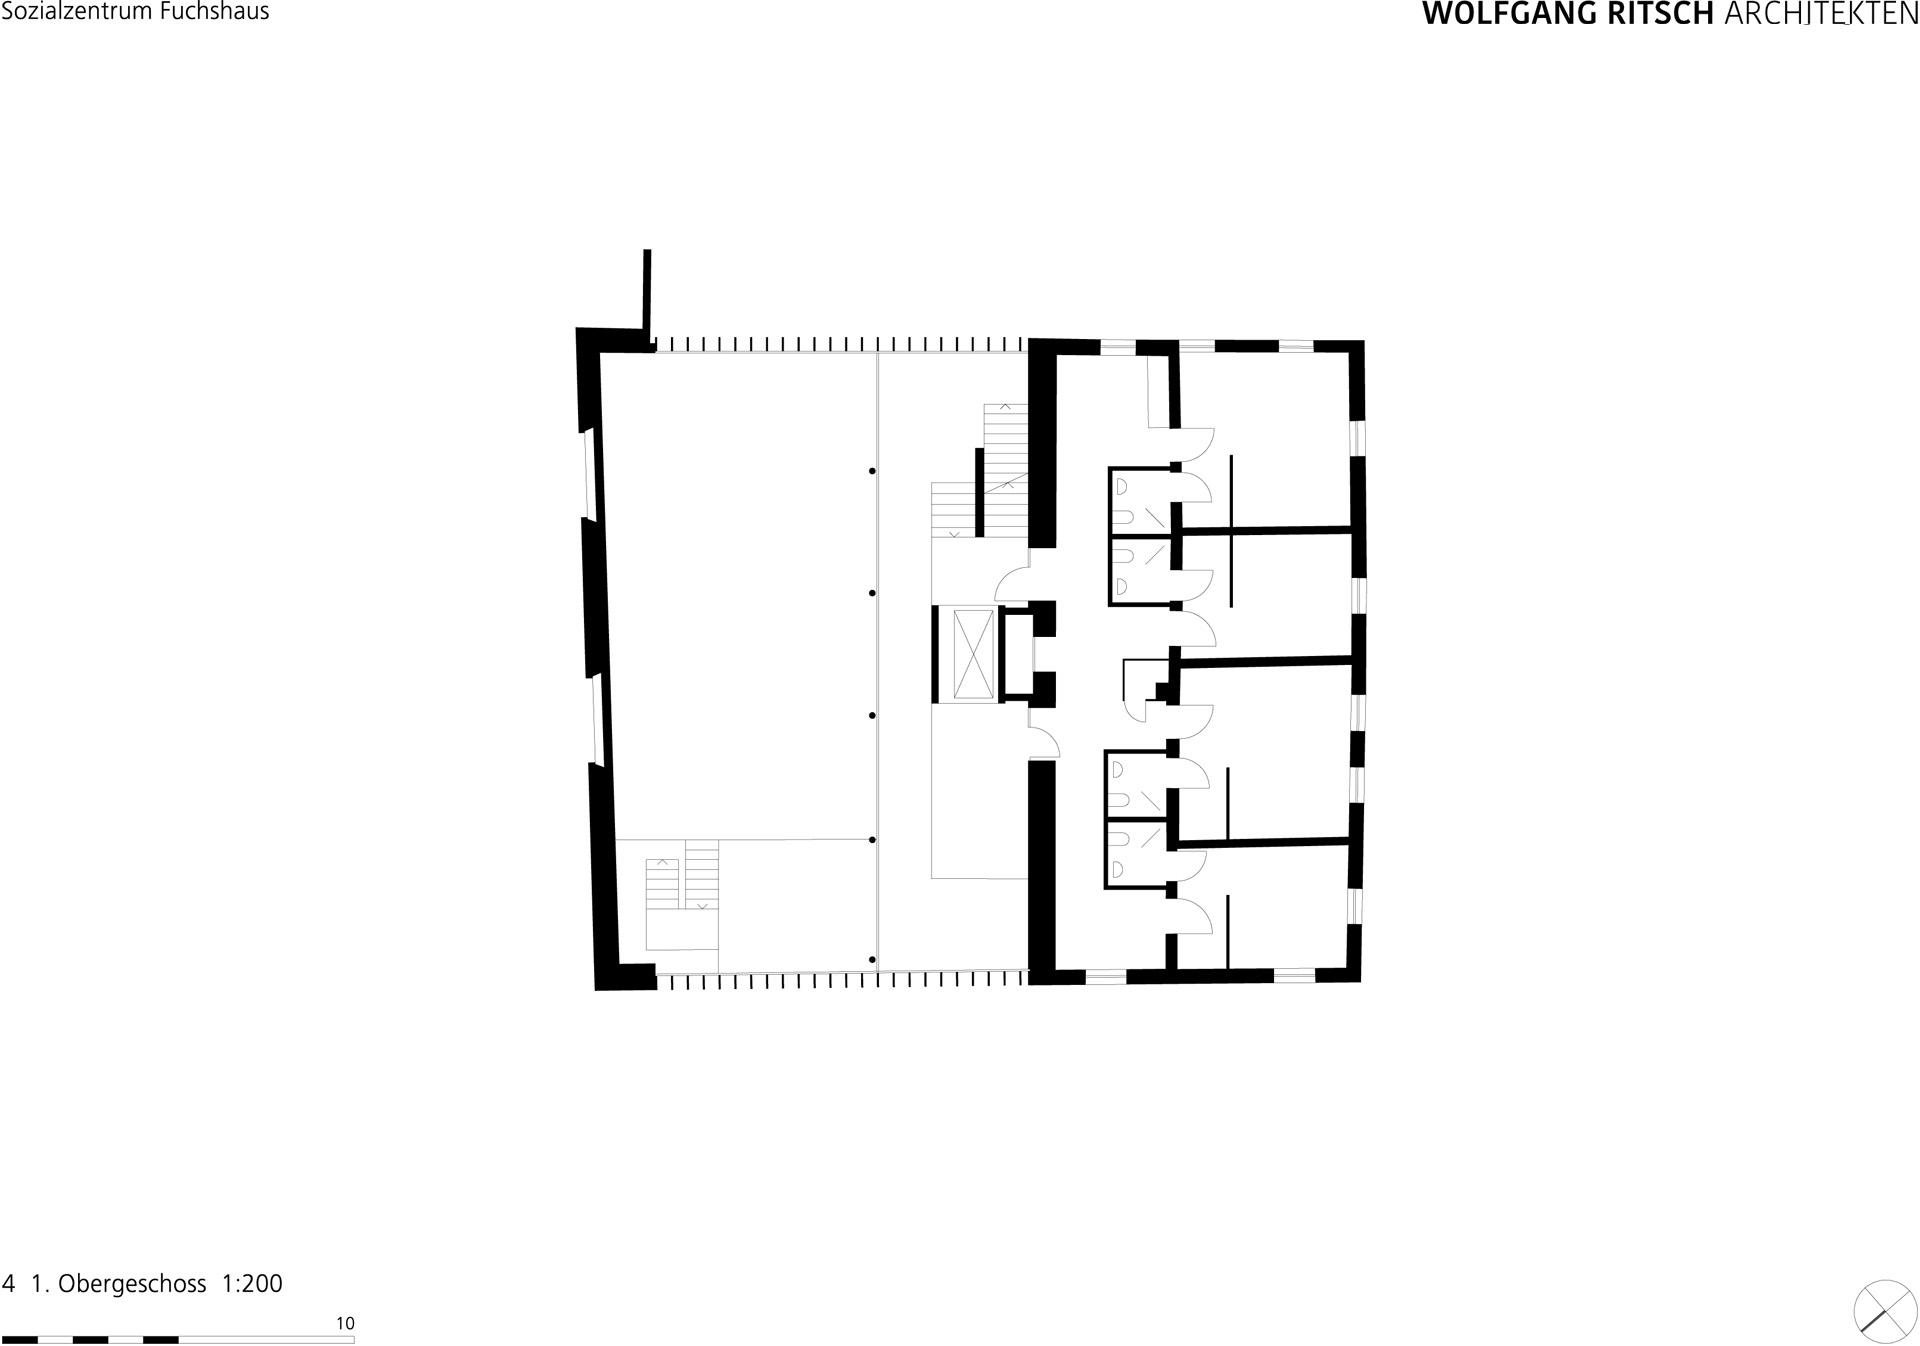 X:PROJEKTE70002750 Fuchshaus2-PUBLIPLAN20-dwg904_1 Oberges